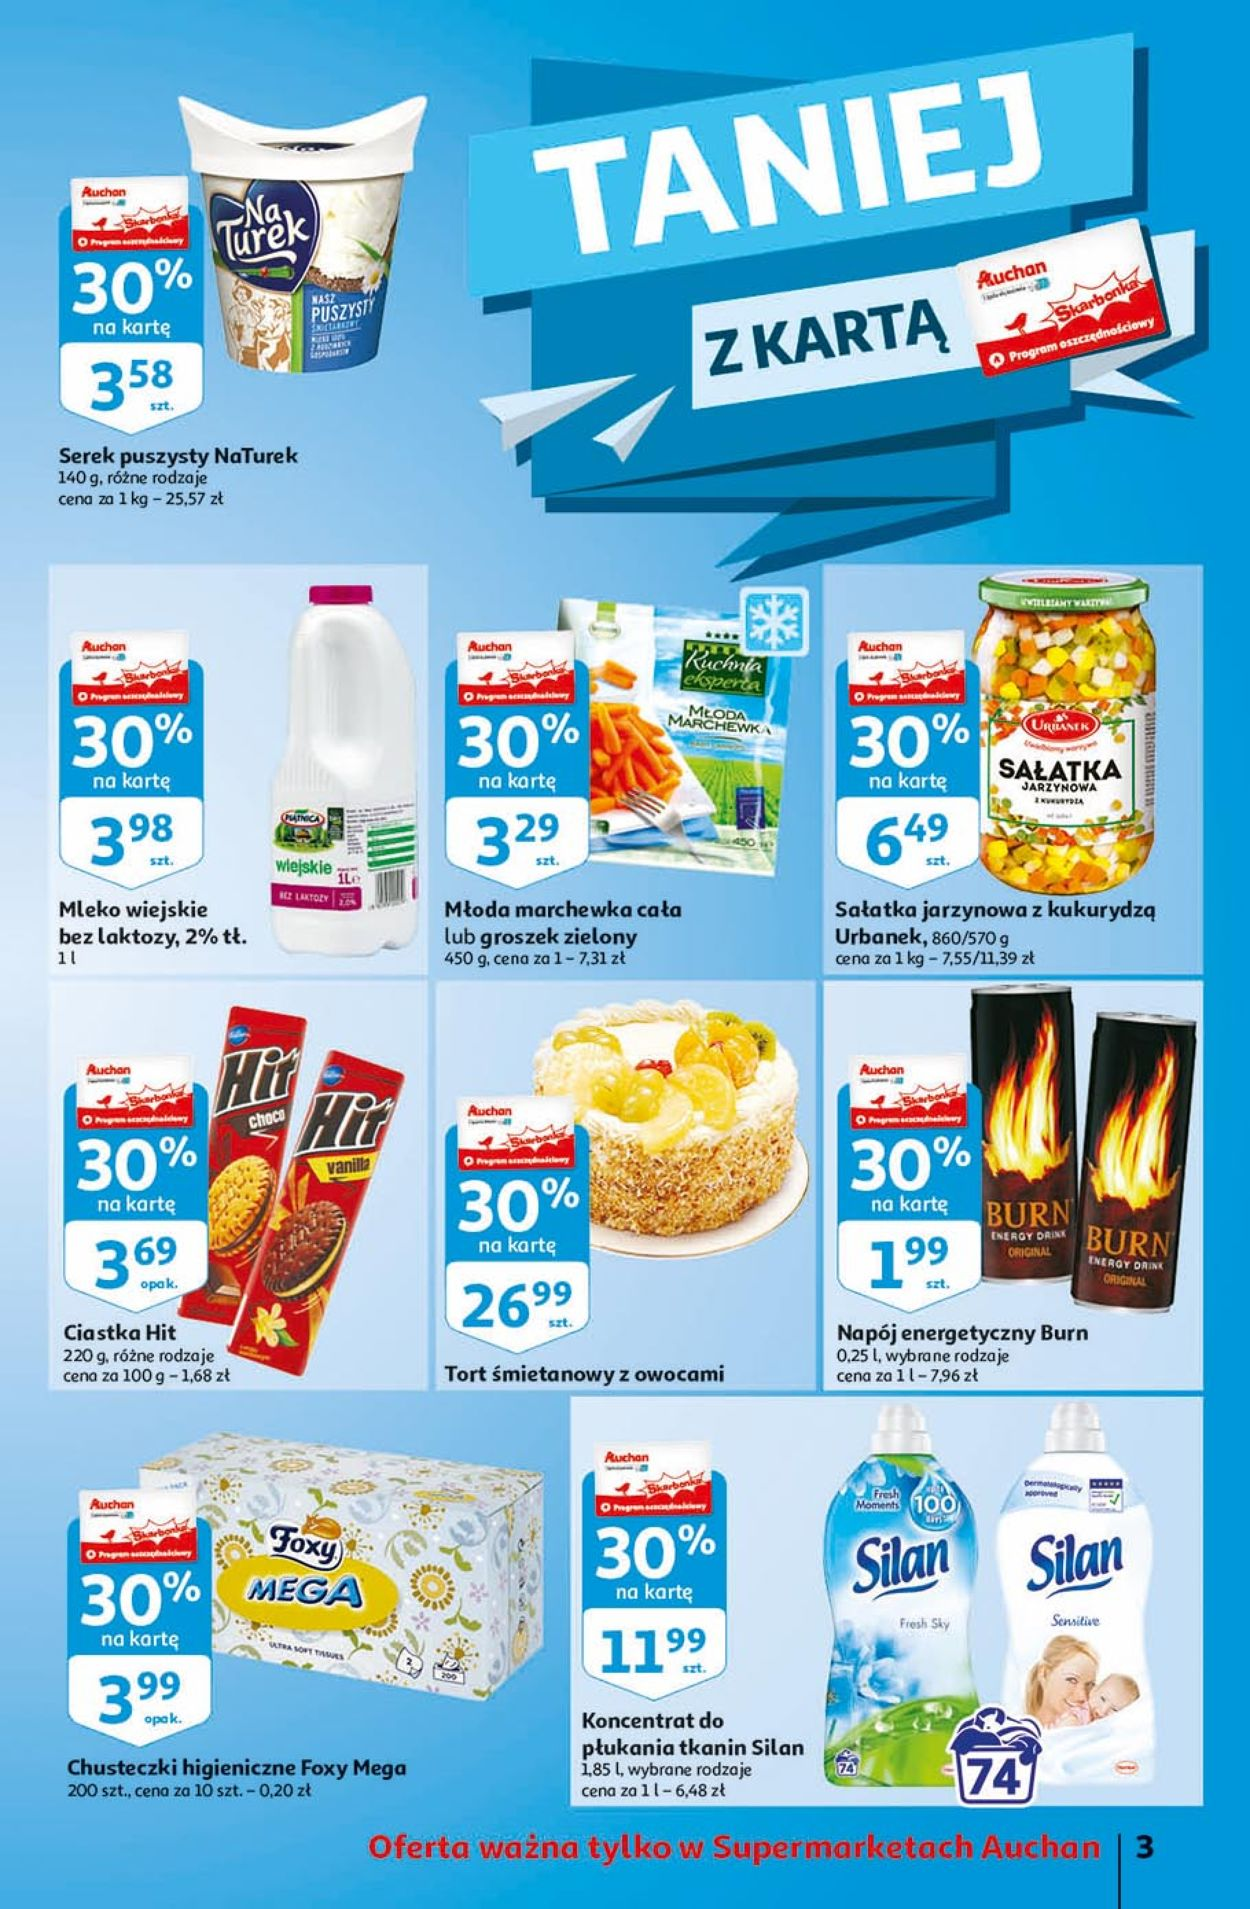 Gazetka promocyjna Auchan - 19.03-25.03.2020 (Strona 3)